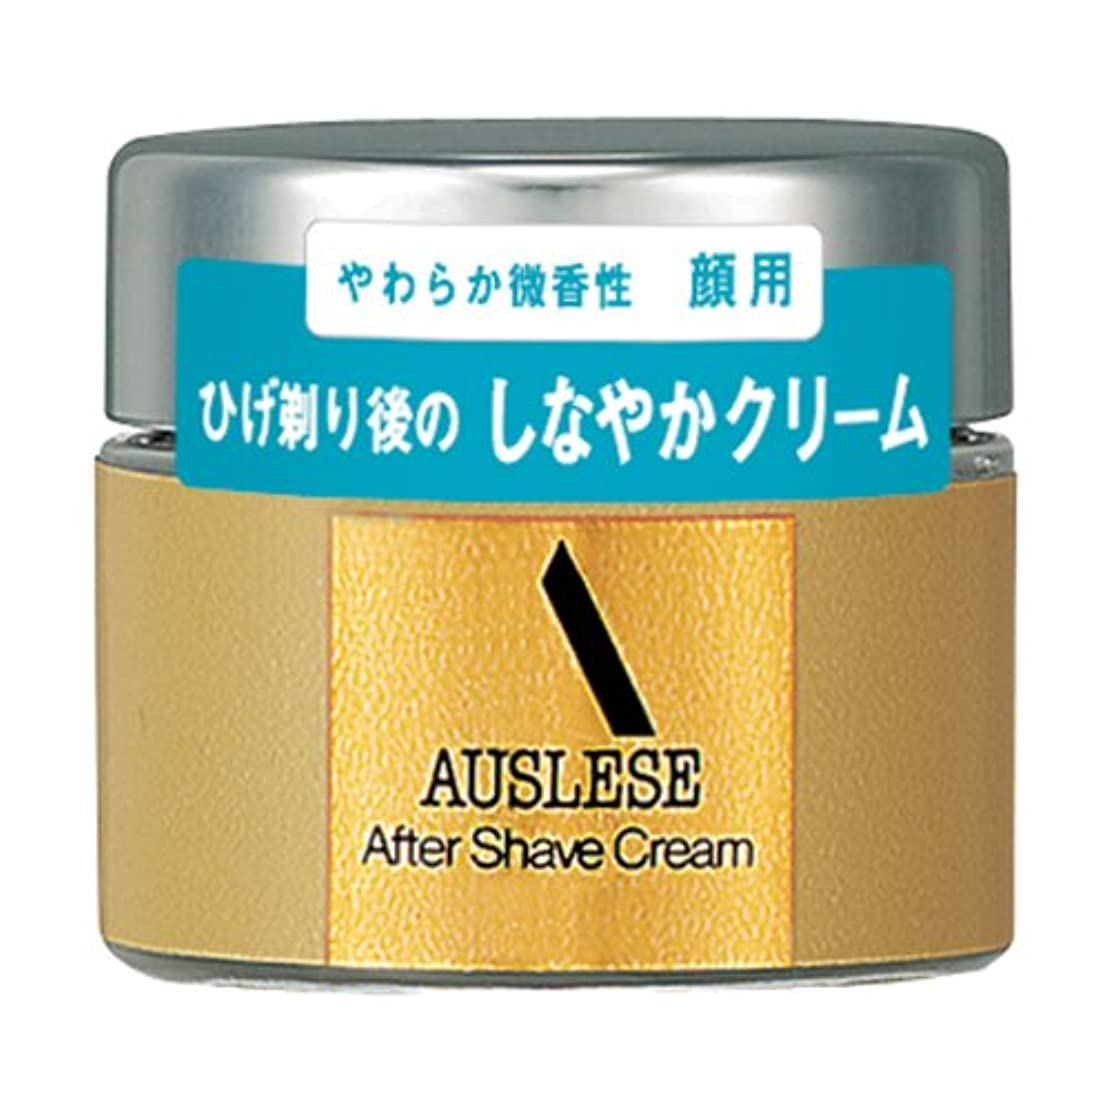 半円効果的アクティブアウスレーゼ アフターシェーブクリームNA 30g 【医薬部外品】